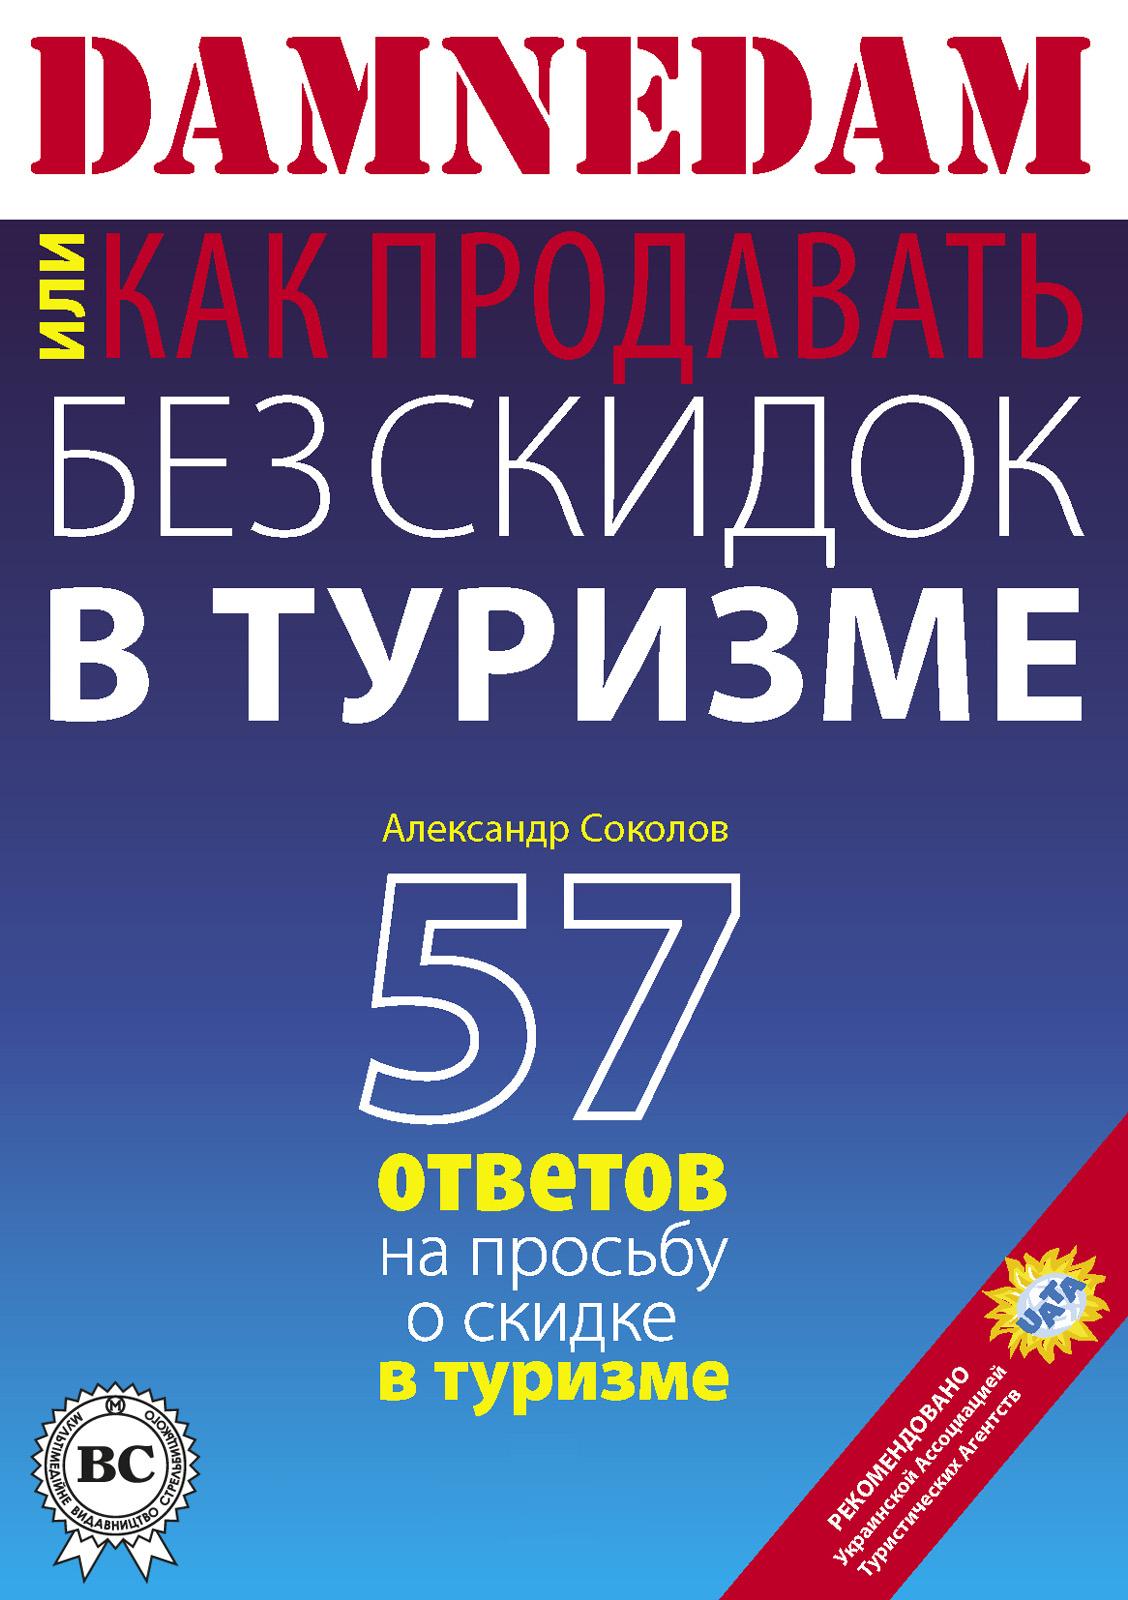 Обложка книги. Автор - Александр Соколов